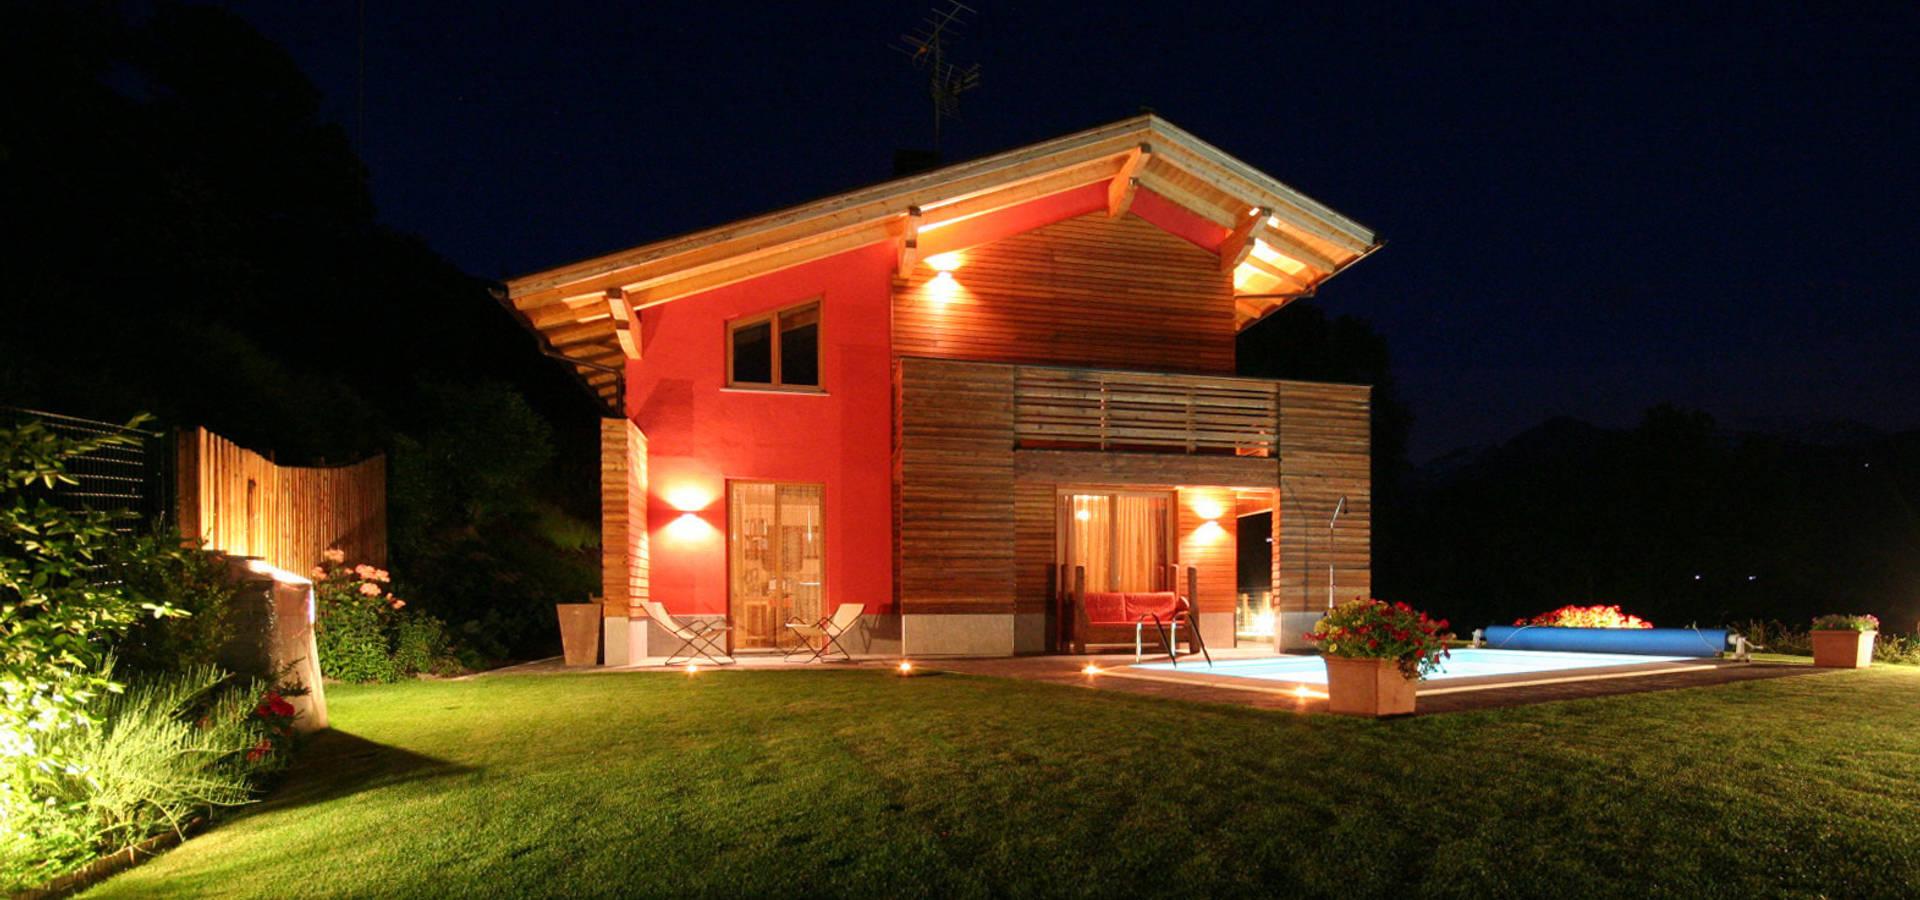 Villa a la thuile ao con serra solare e b b ipogeo di for Homify case